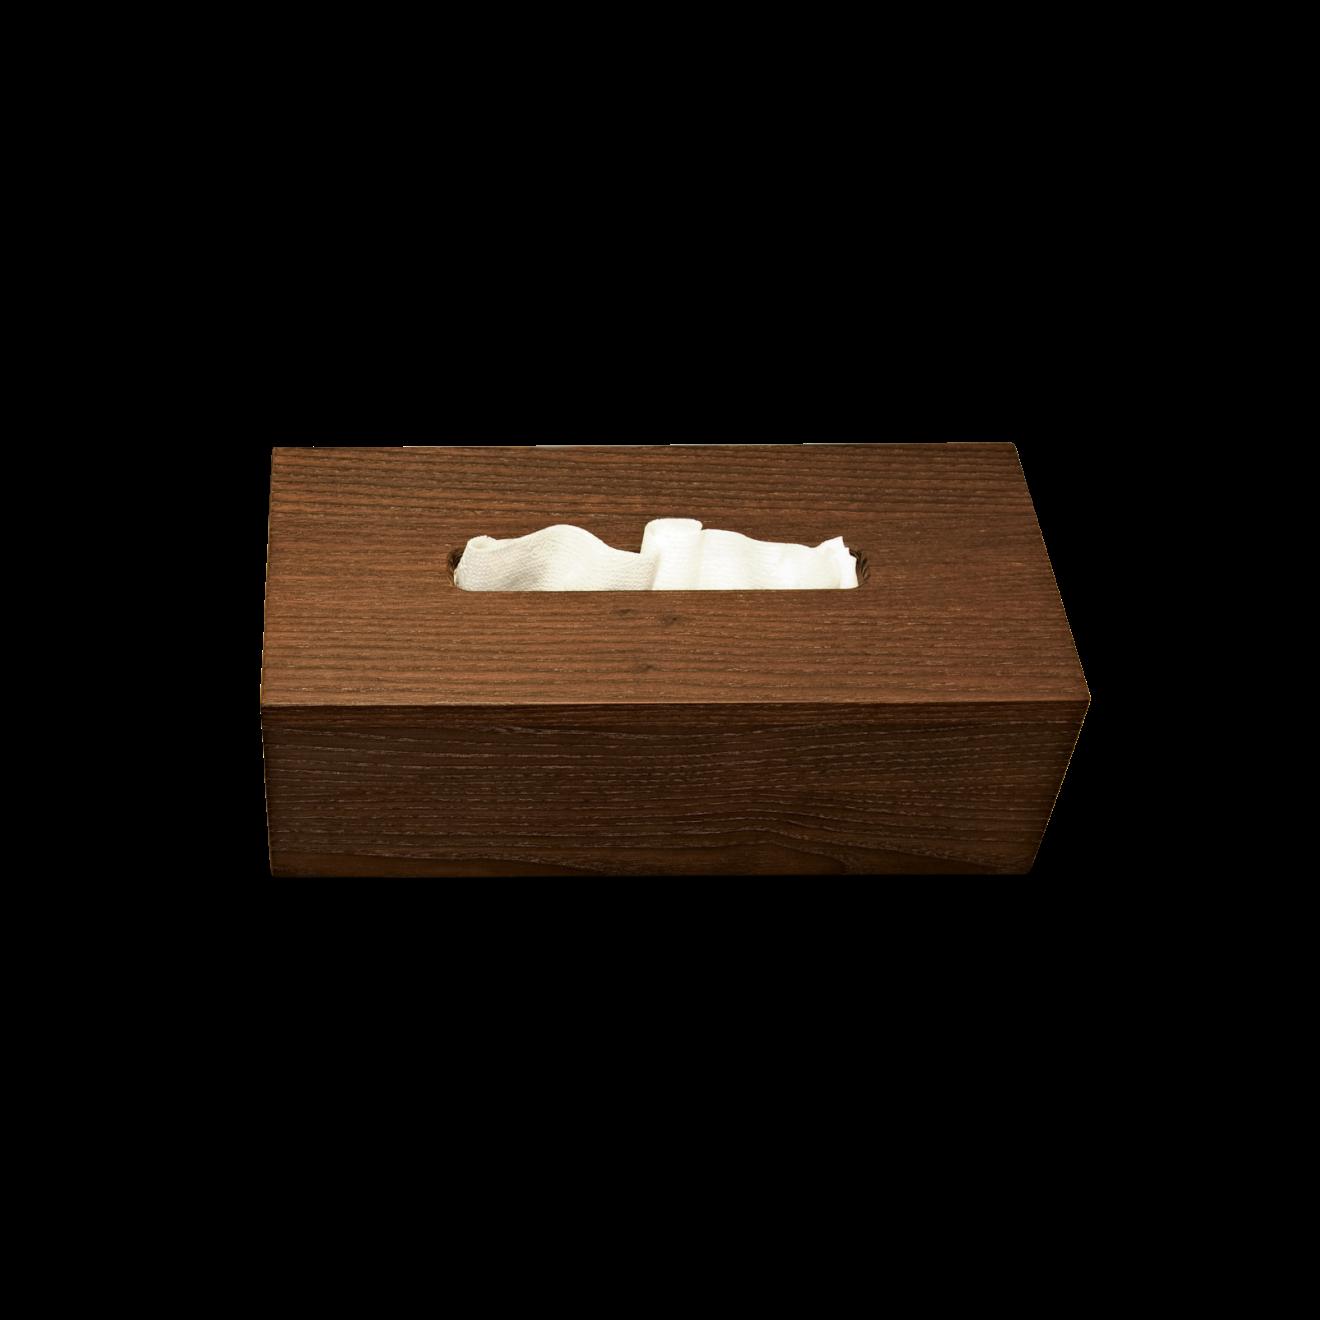 decor walther kleenexbox aus holz duschvorhangstangen duschvorh nge und hochwertige. Black Bedroom Furniture Sets. Home Design Ideas